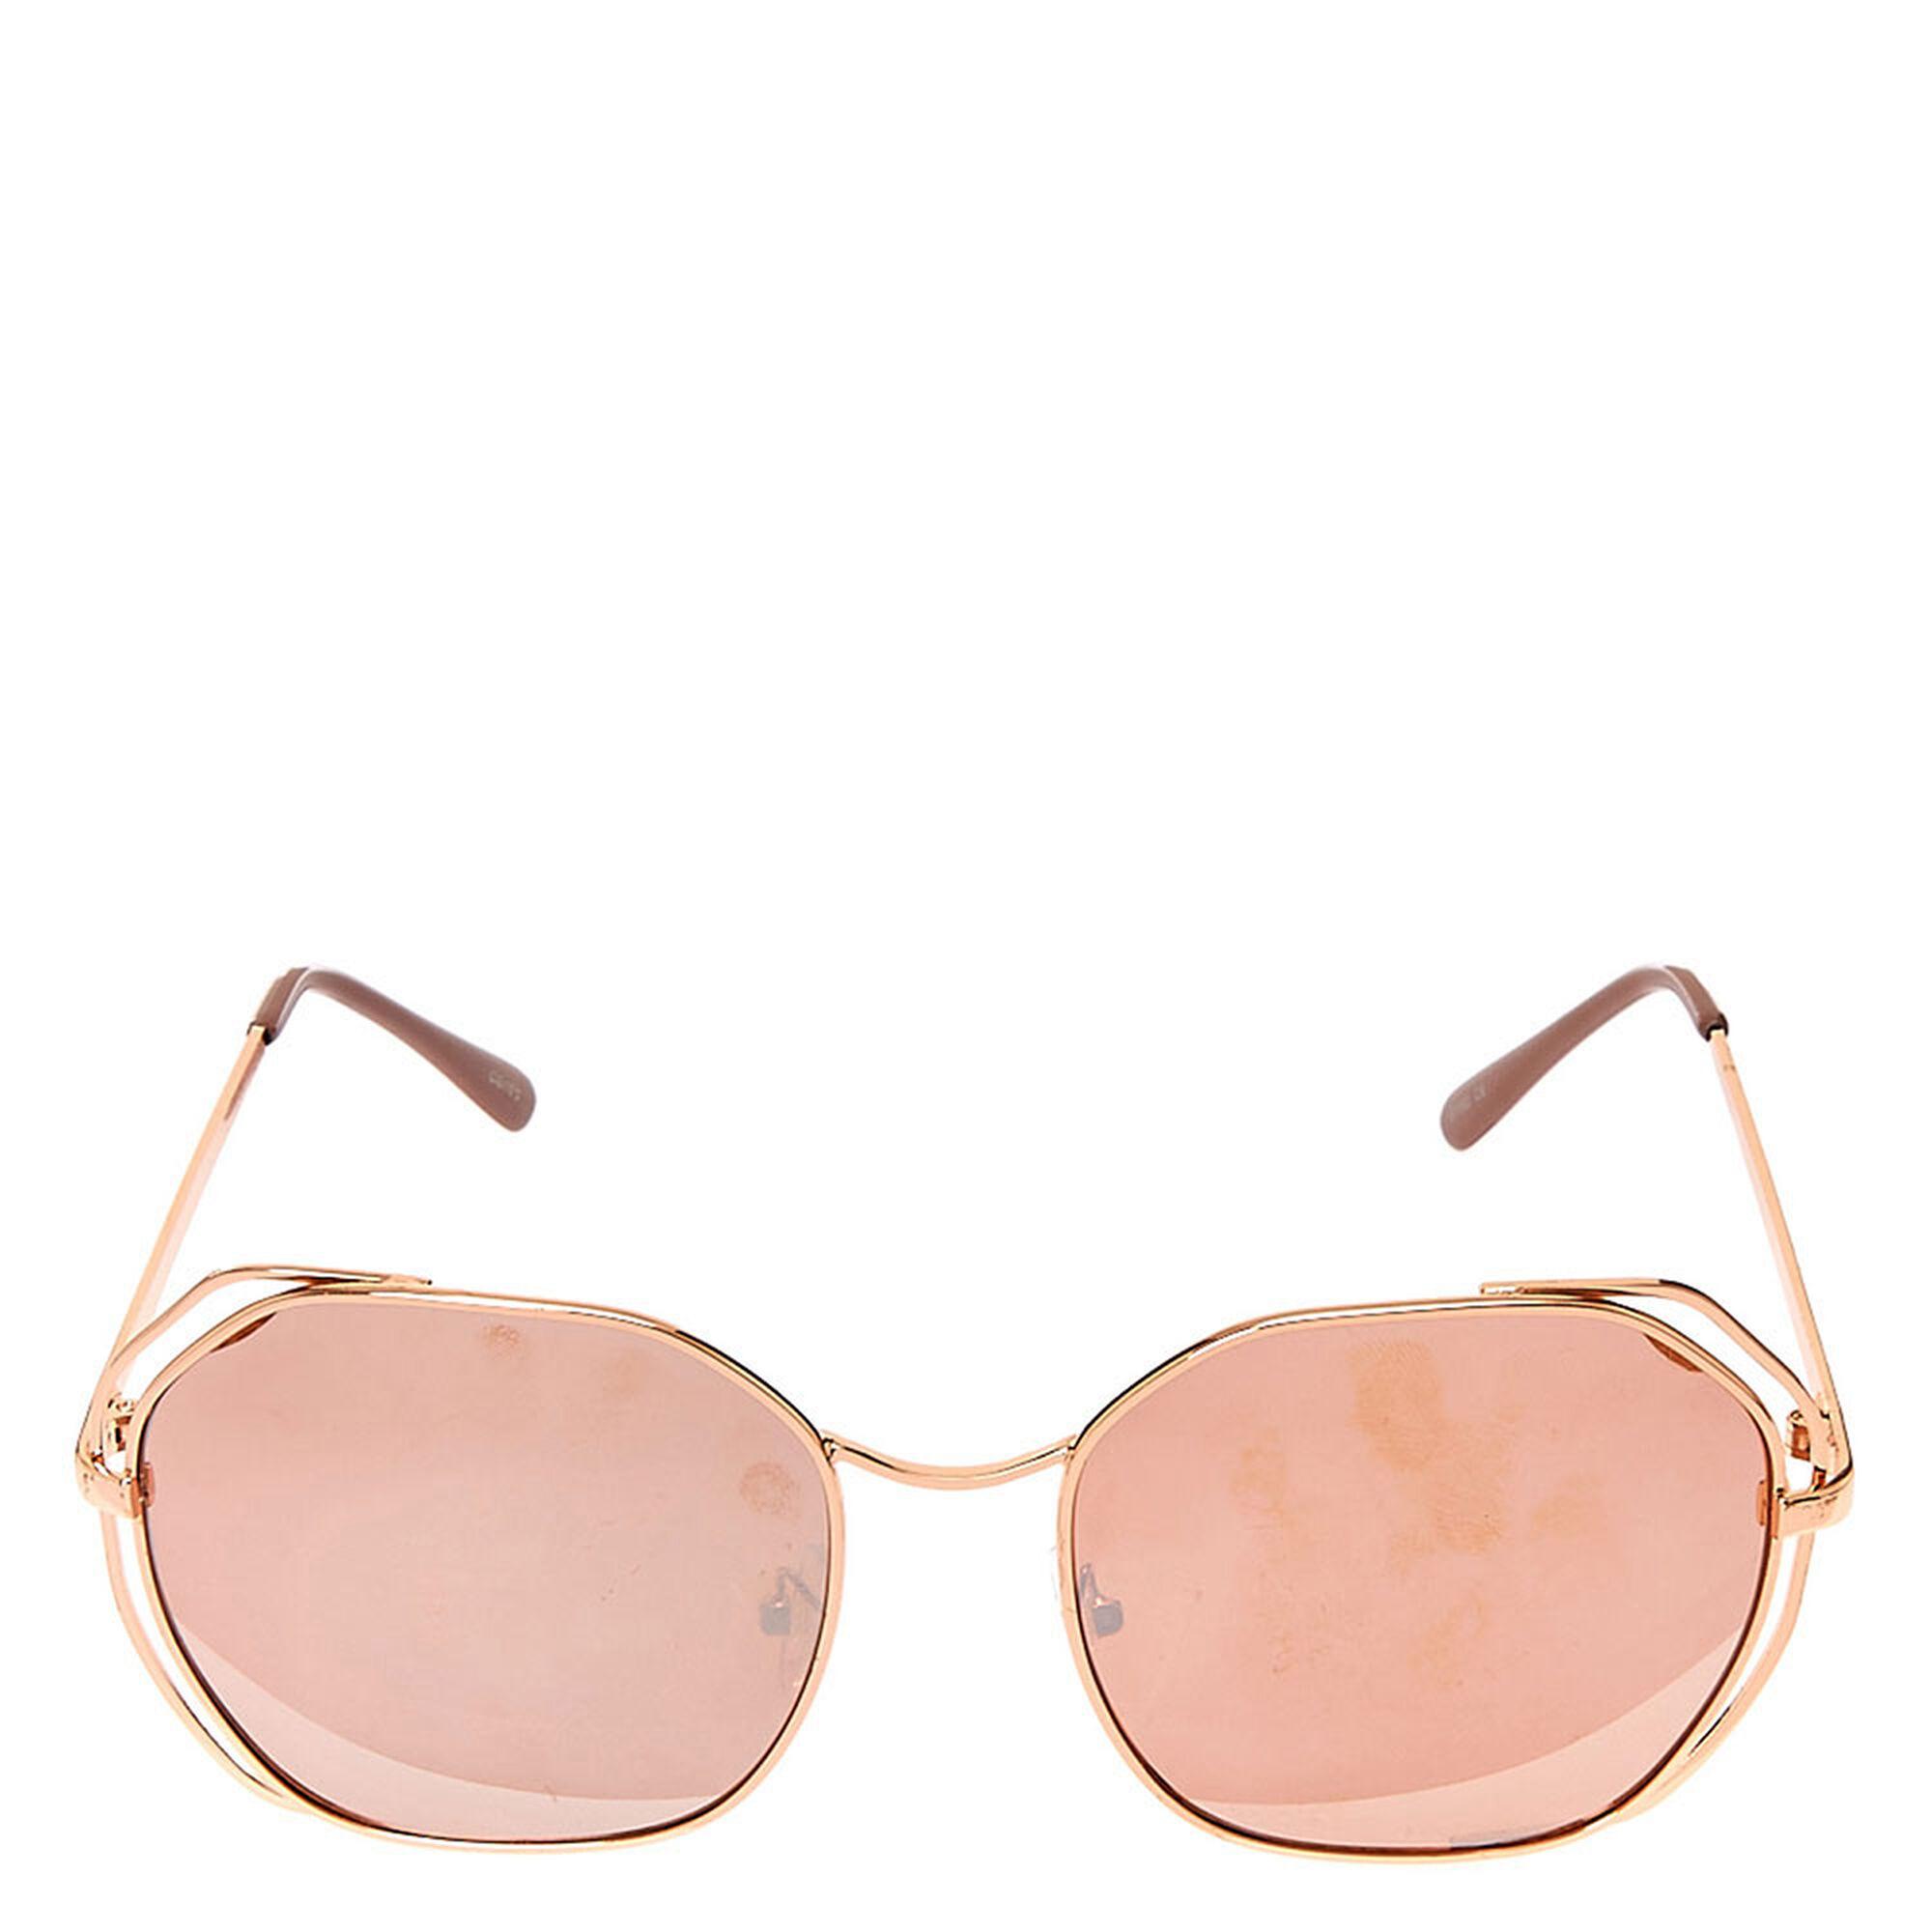 lunettes de soleil rondes effet miroir or rose claire 39 s fr. Black Bedroom Furniture Sets. Home Design Ideas